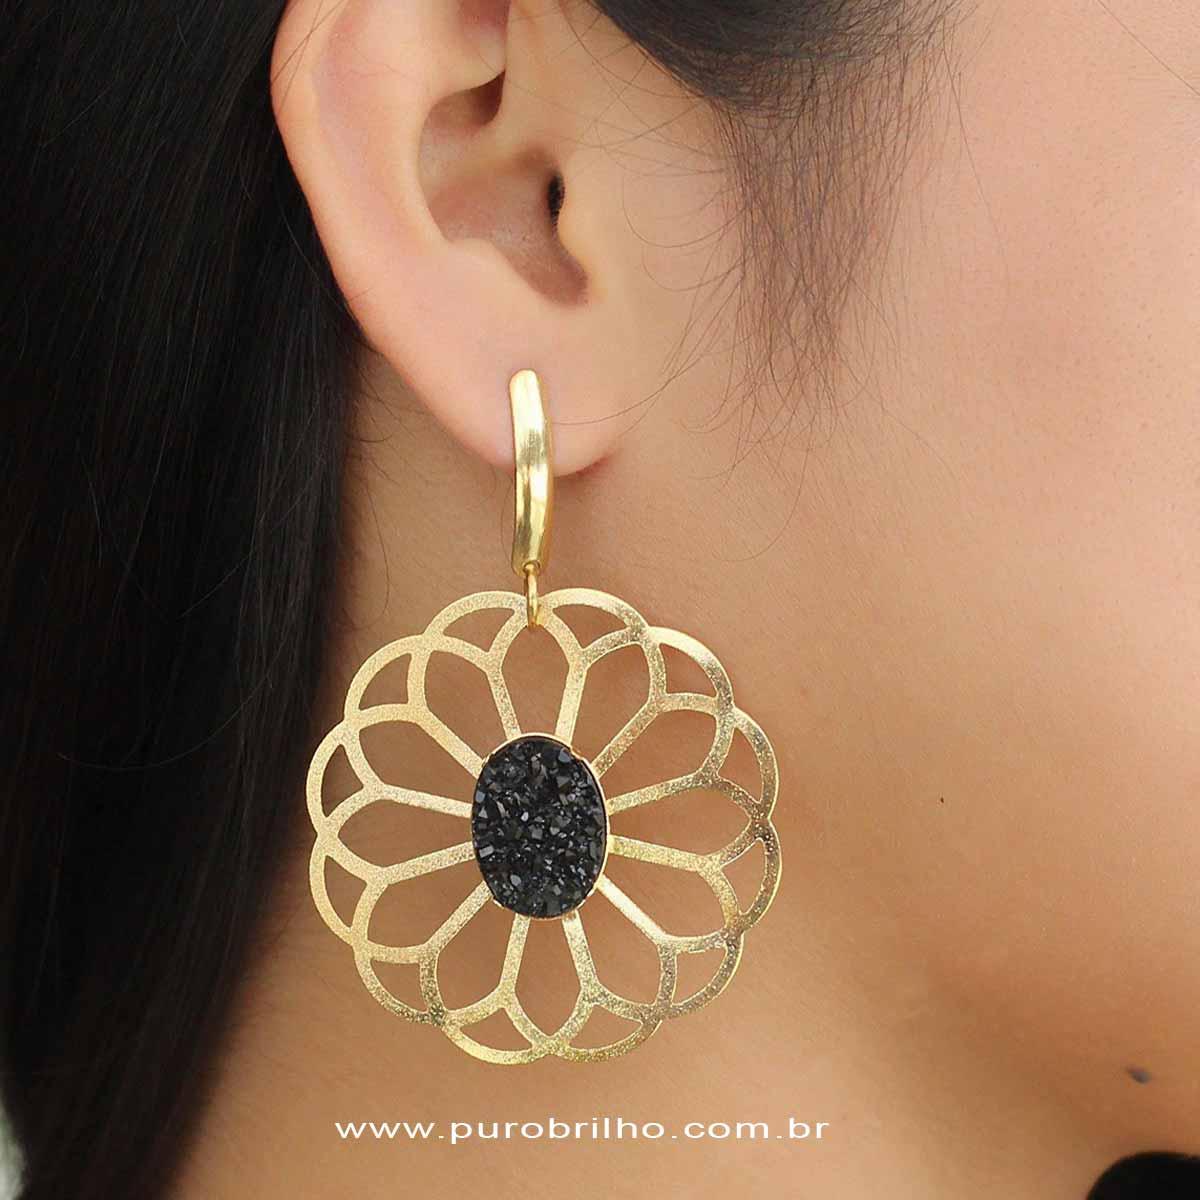 Brinco Semijoia Flor Vazada com Pedra Drusa Preta Folheado a Ouro 18K